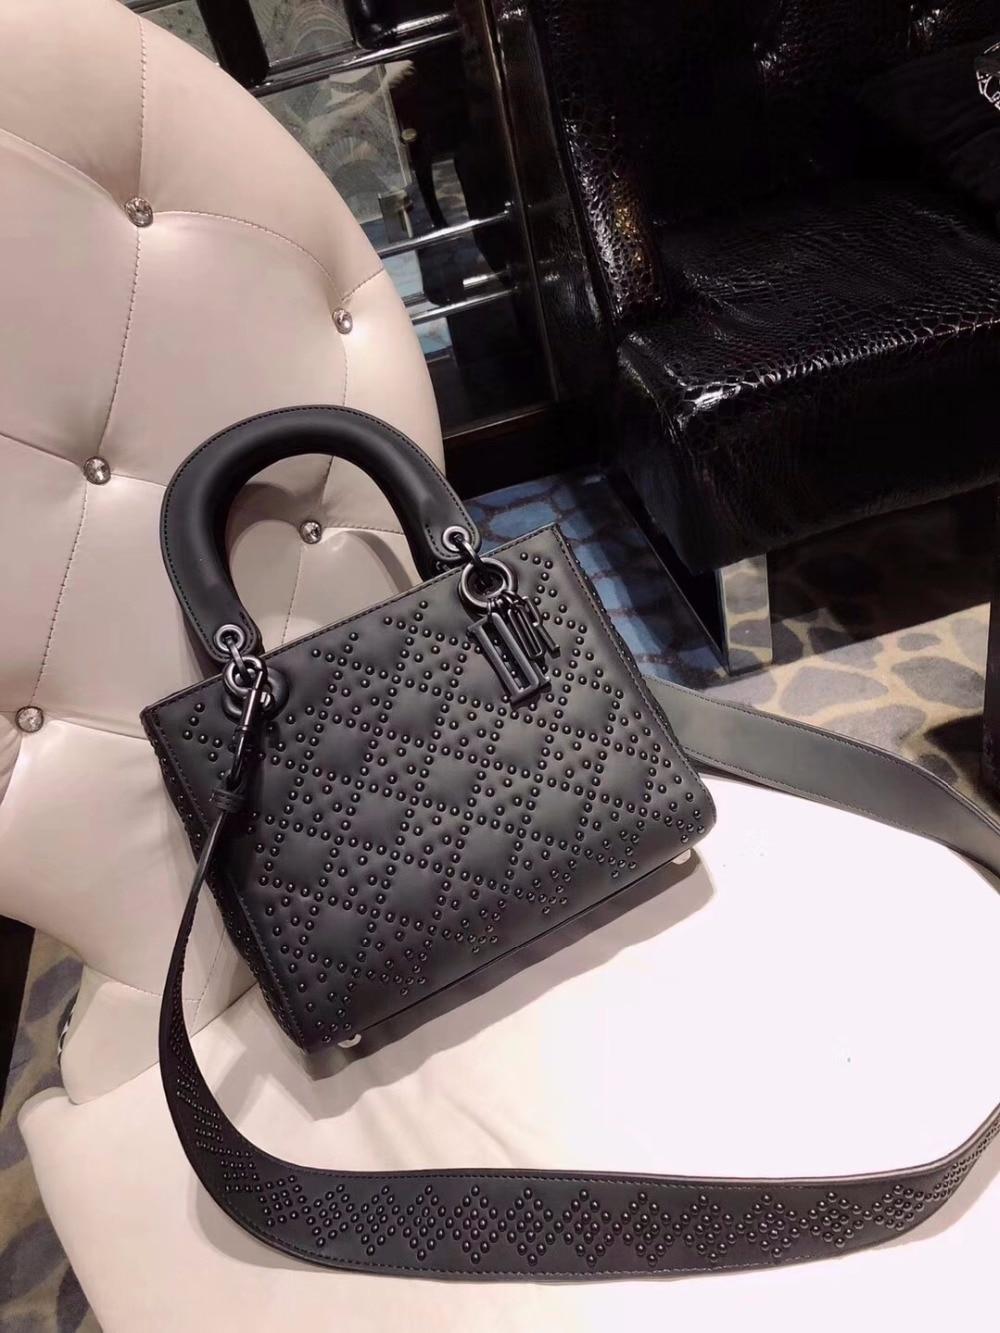 Роскошные сумки женские сумки дизайнерские сумки для женщин 2018 bolsos mujer классический стиль высокого качества кошелек женская сумка